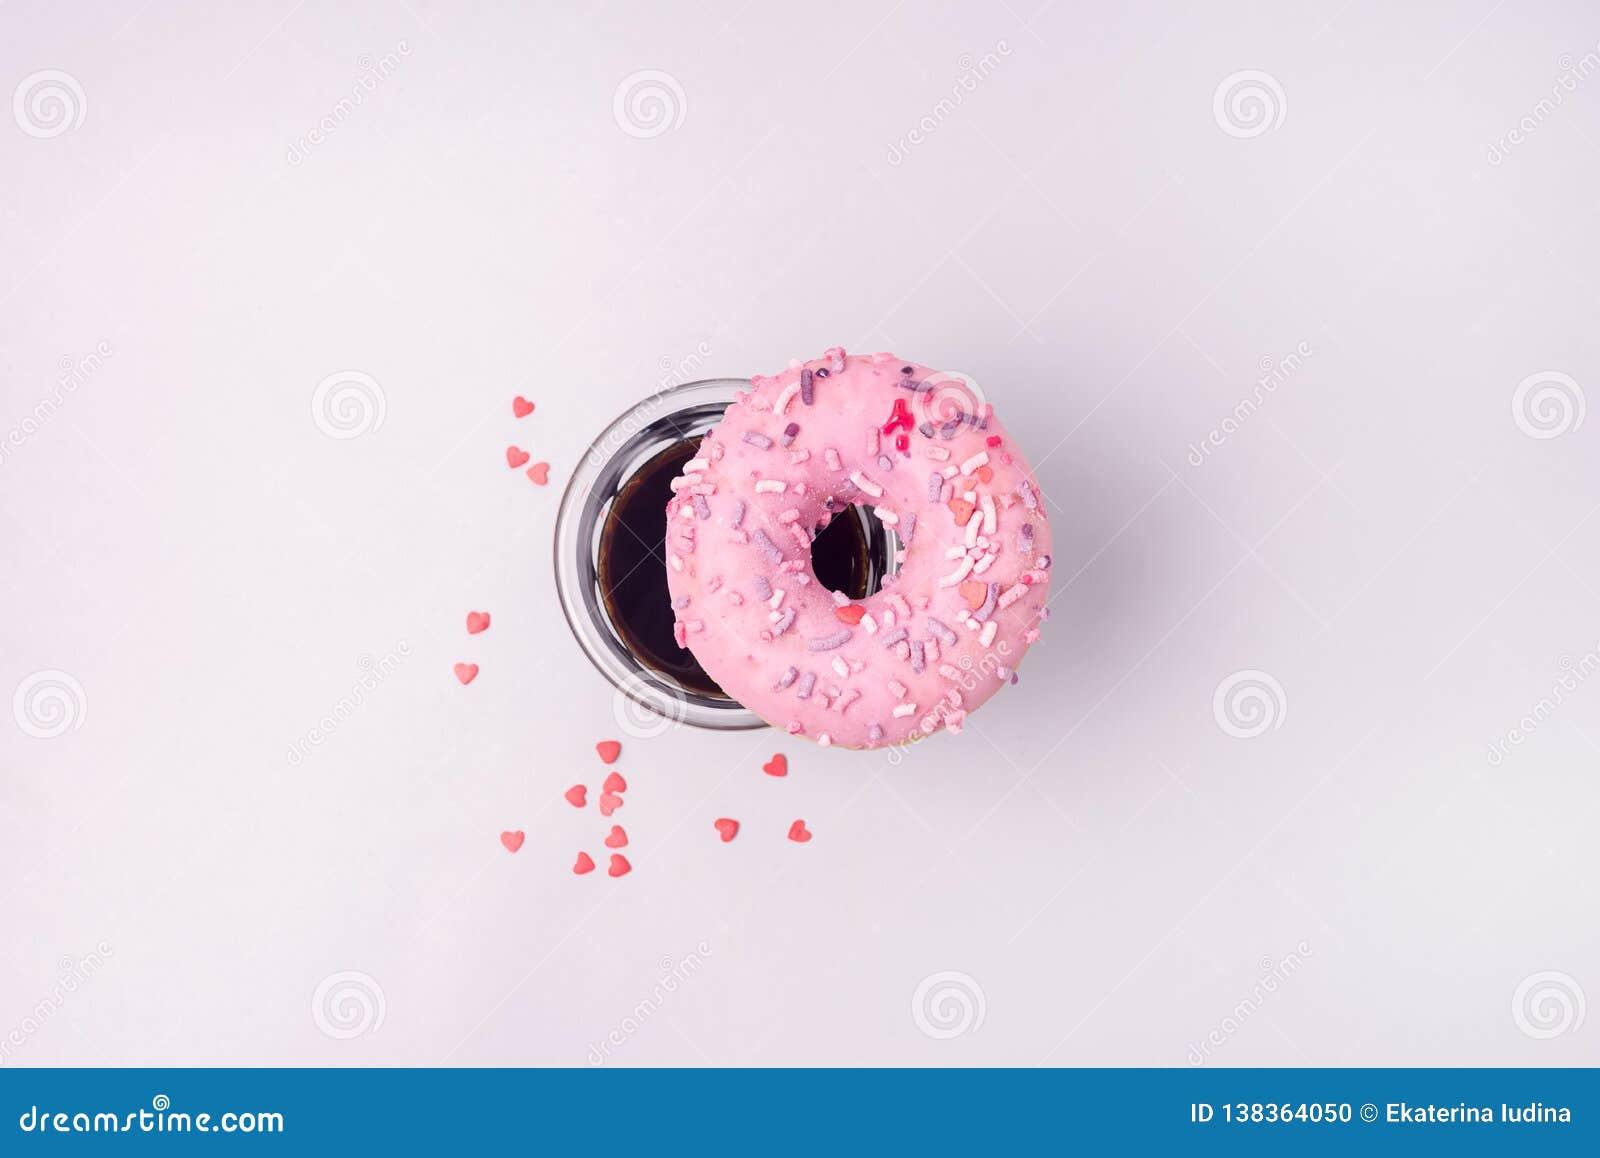 Fesh桃红色多福饼用咖啡阿梅里卡诺平的位置顶视图多福饼和咖啡